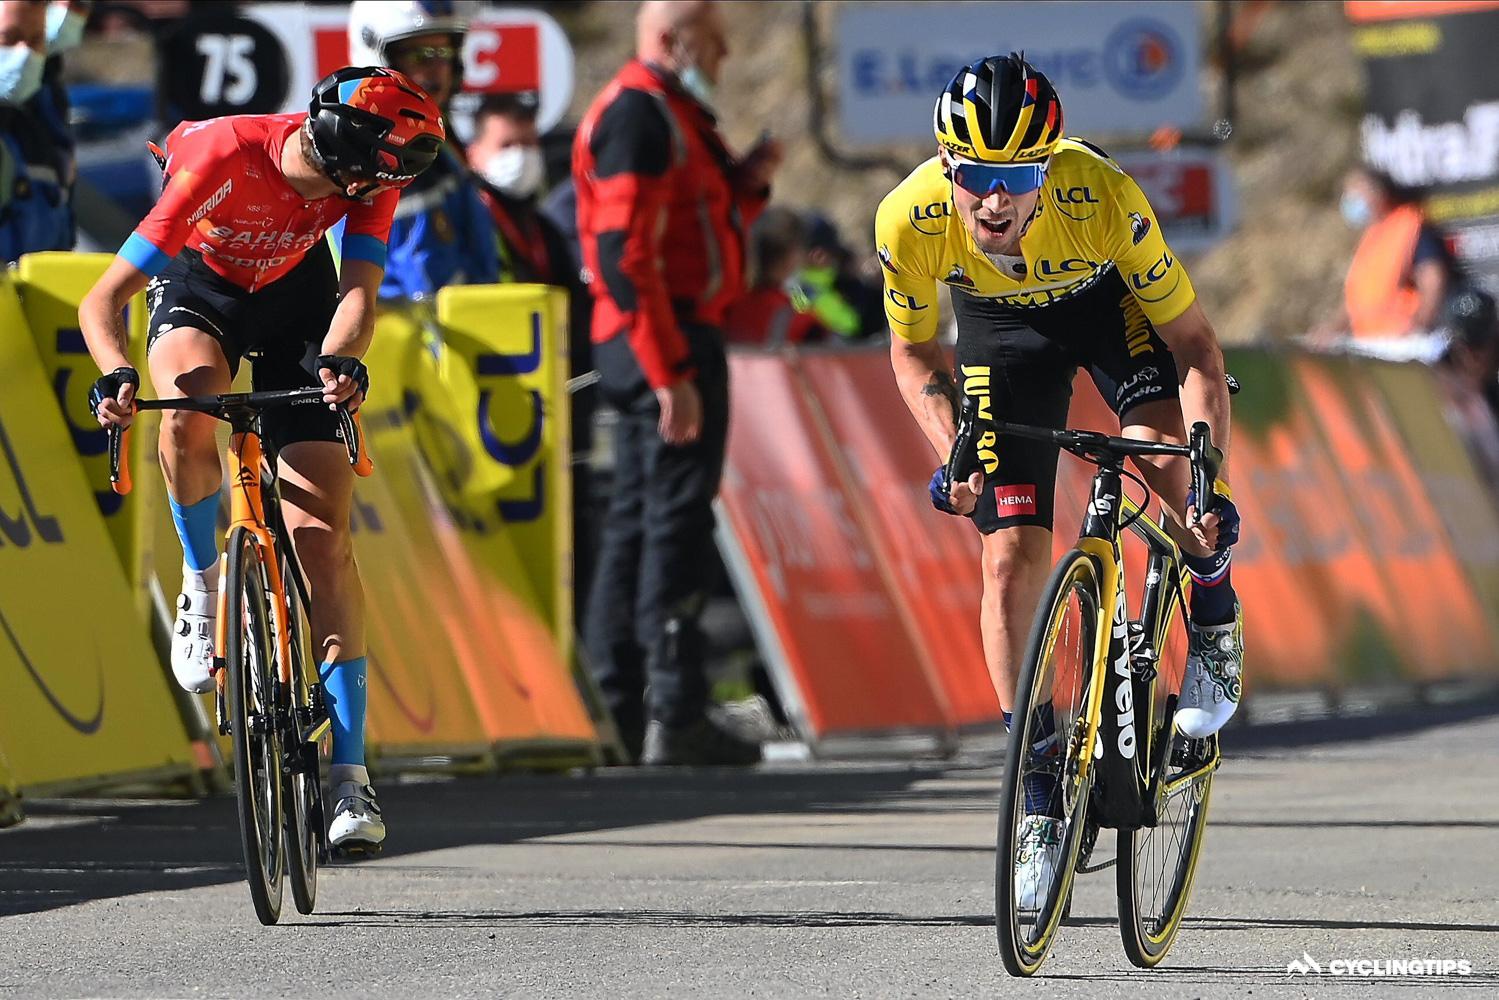 Pas de cadeaux: Roglic défend sa victoire d'étape contre Gino Mäder